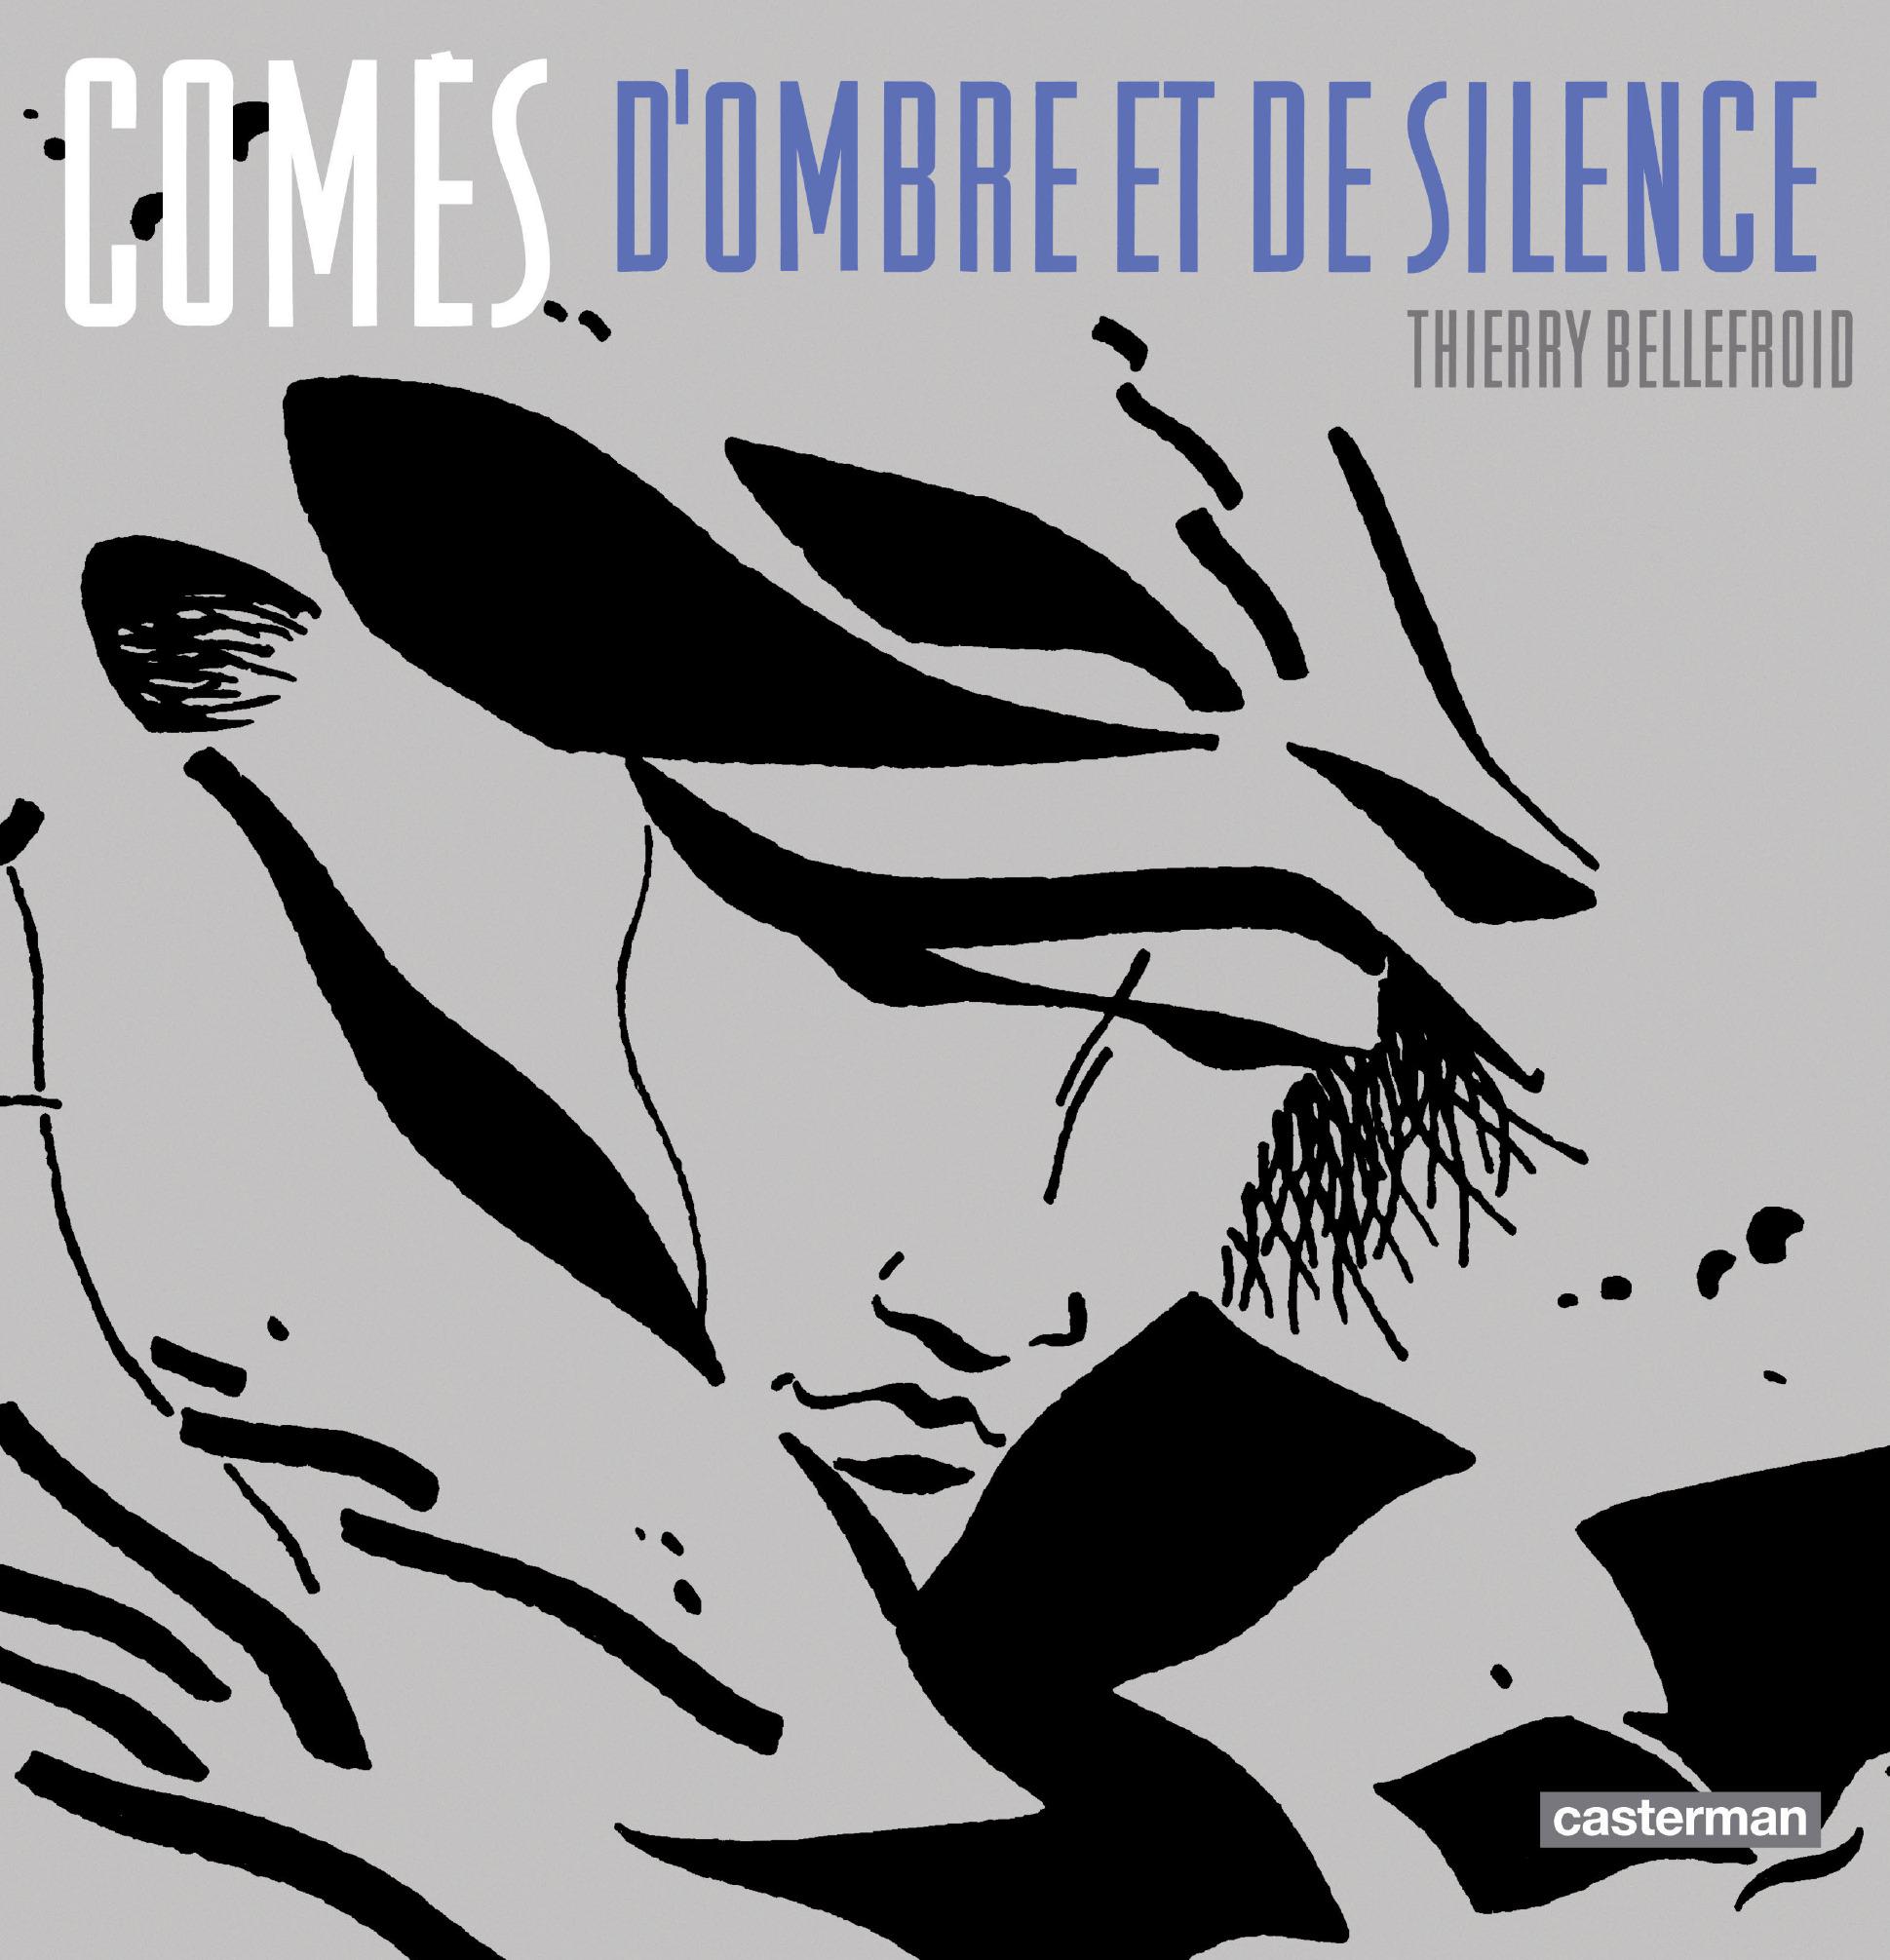 Comès, d'Ombre et de Silence  1